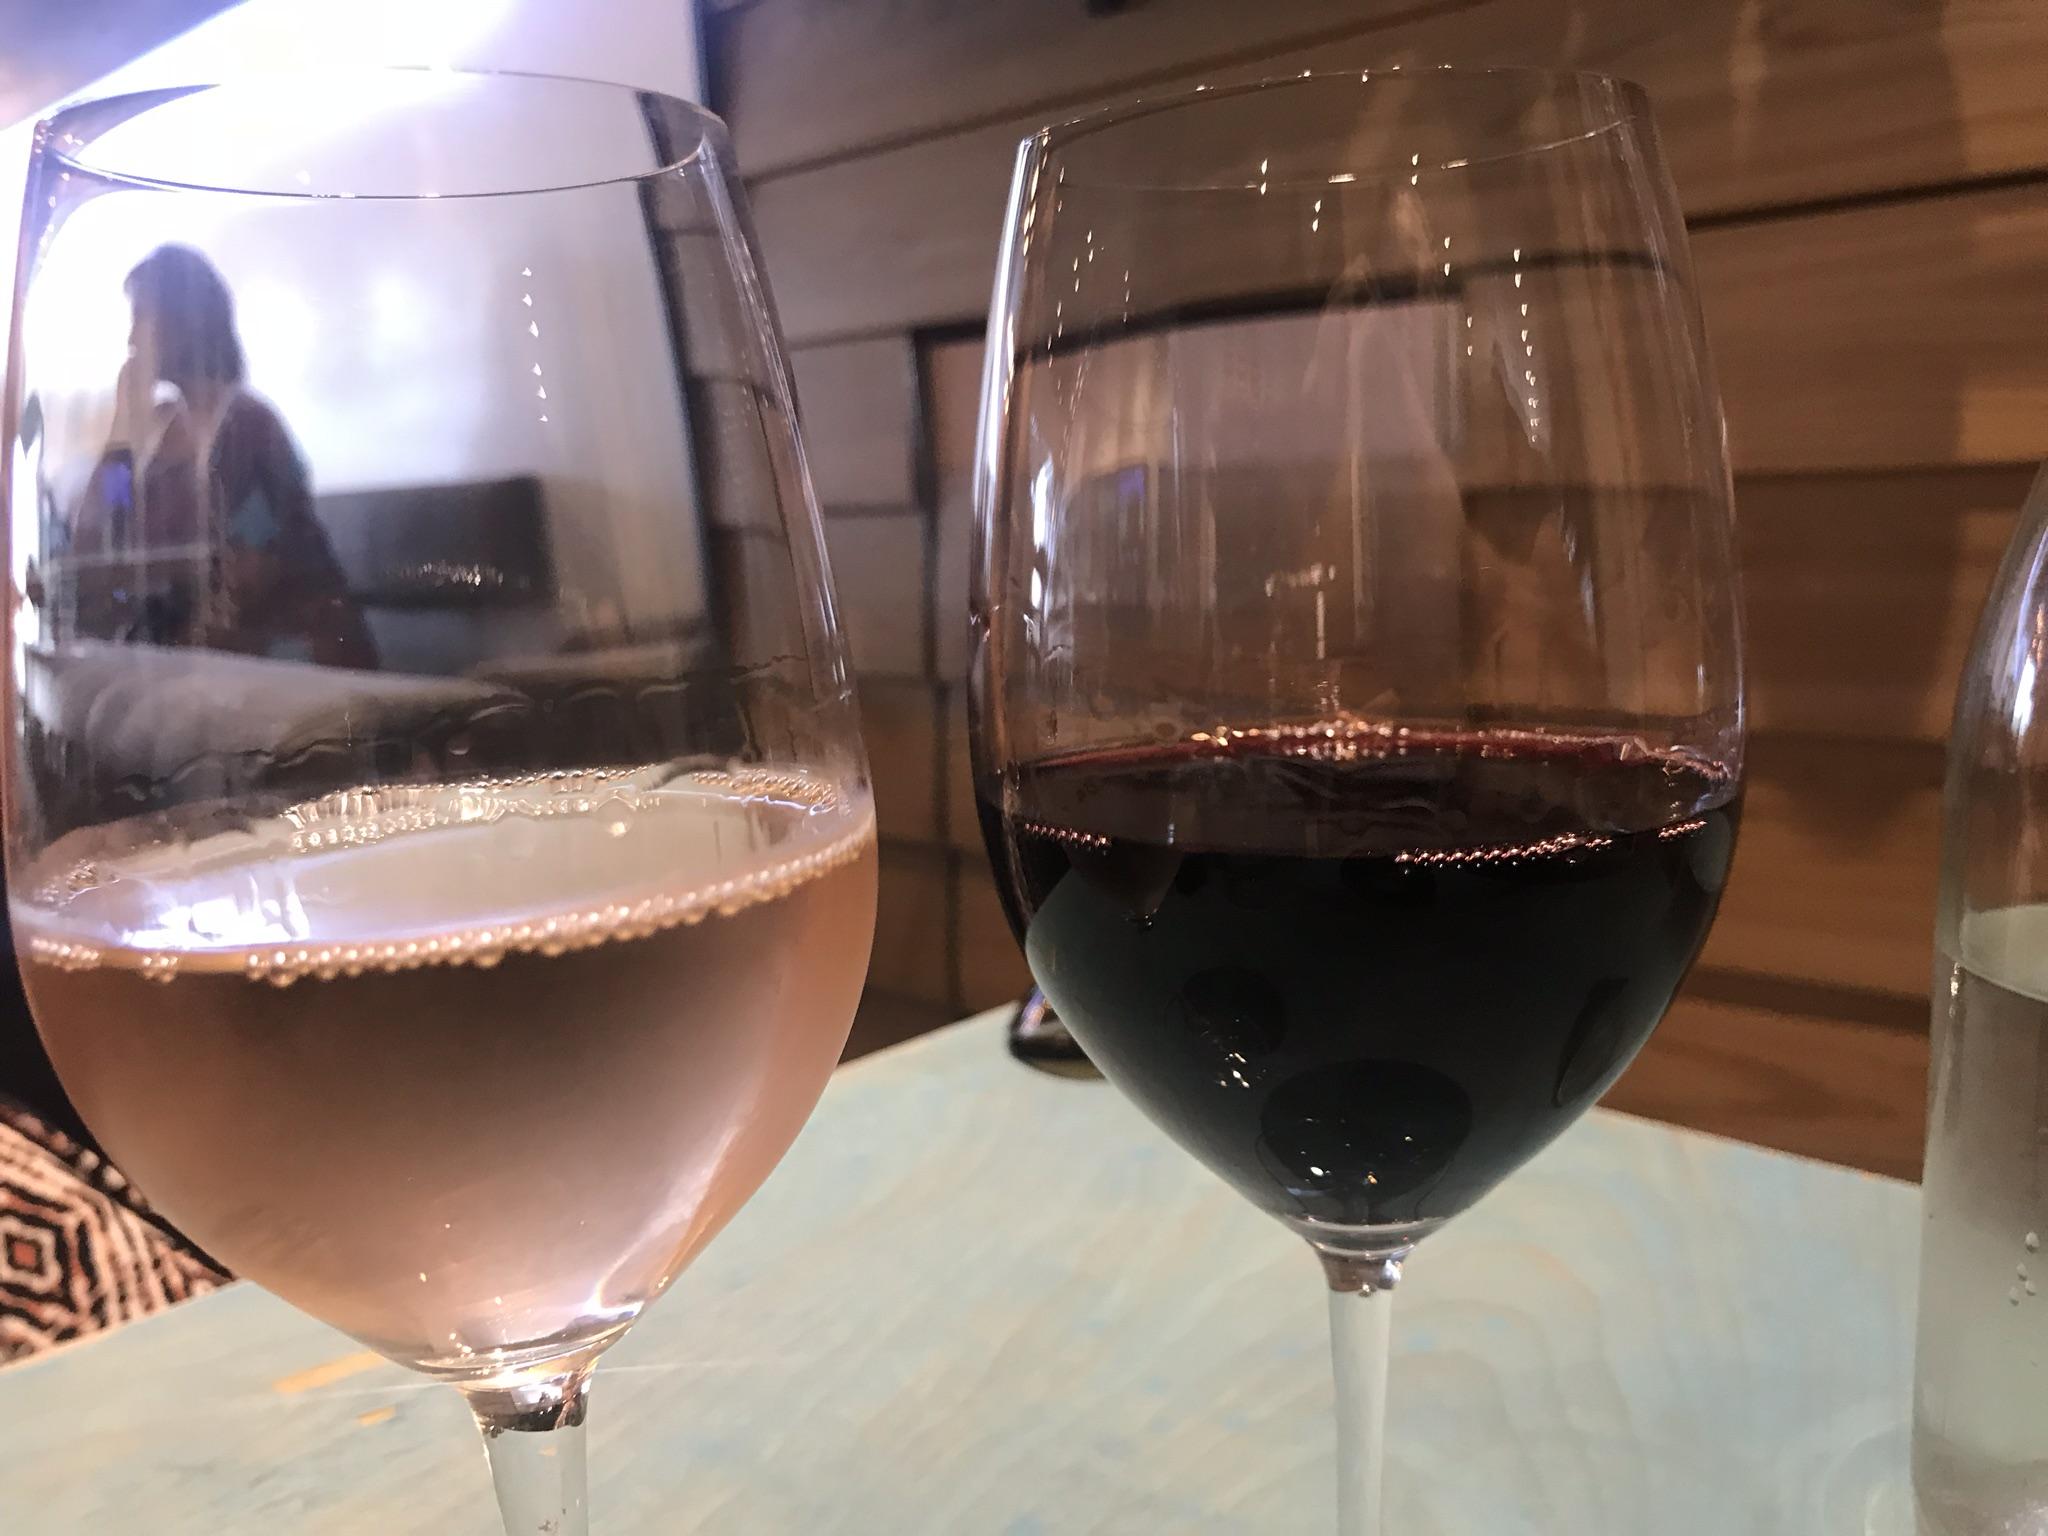 Wine at Nectar in Spokane – July 29 2018